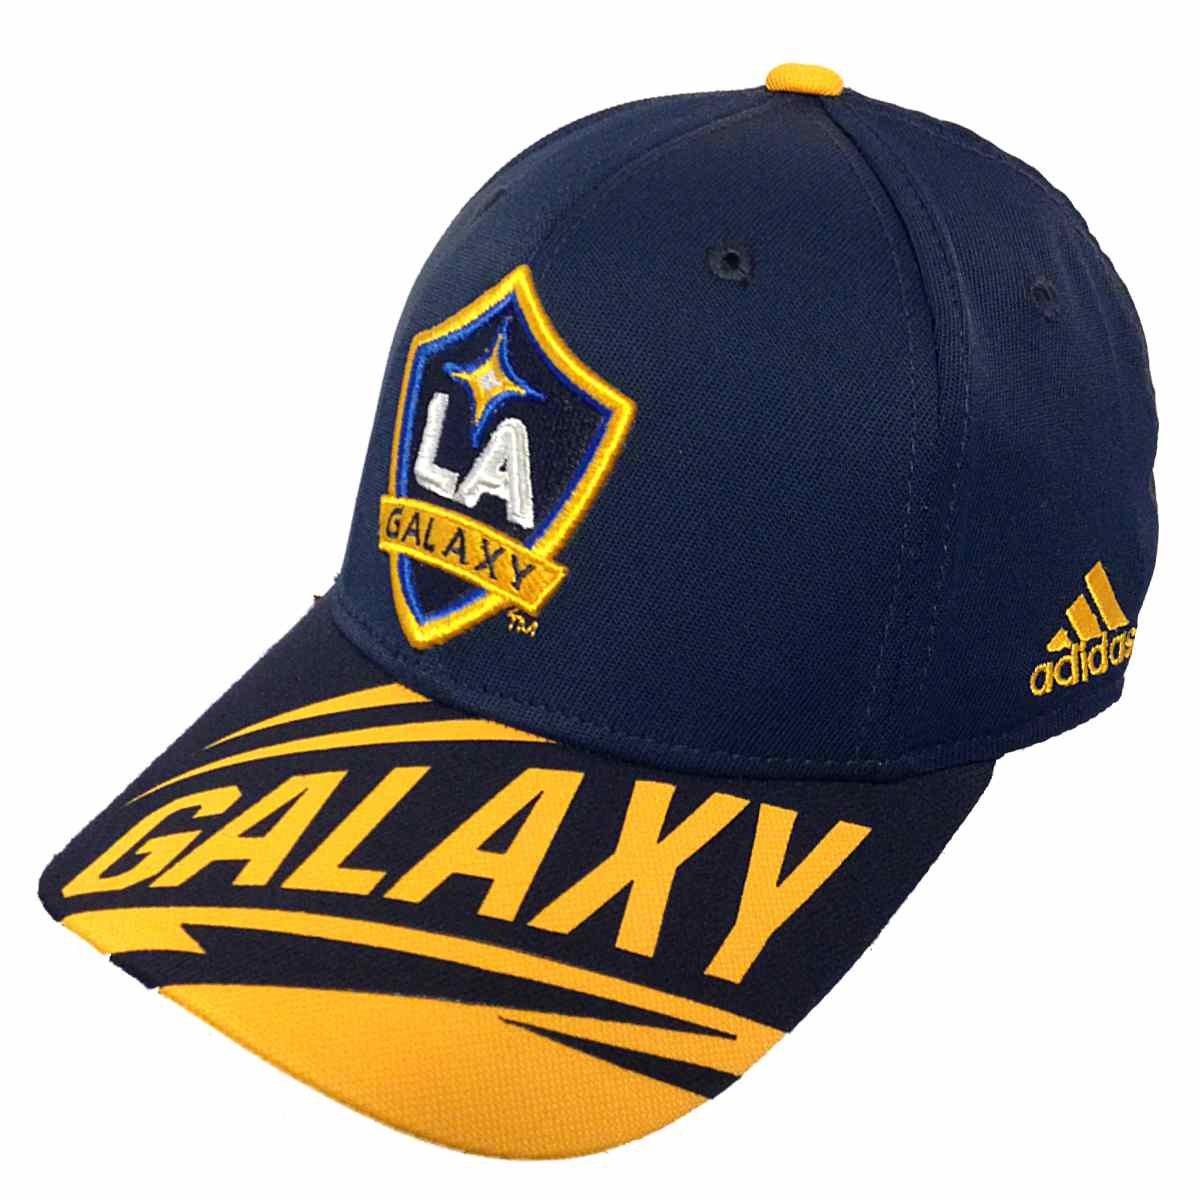 La Galaxy MLS Adidas Navy Miracleパッチ溶接1つadj.ハットキャップ B01C1ZBKXC